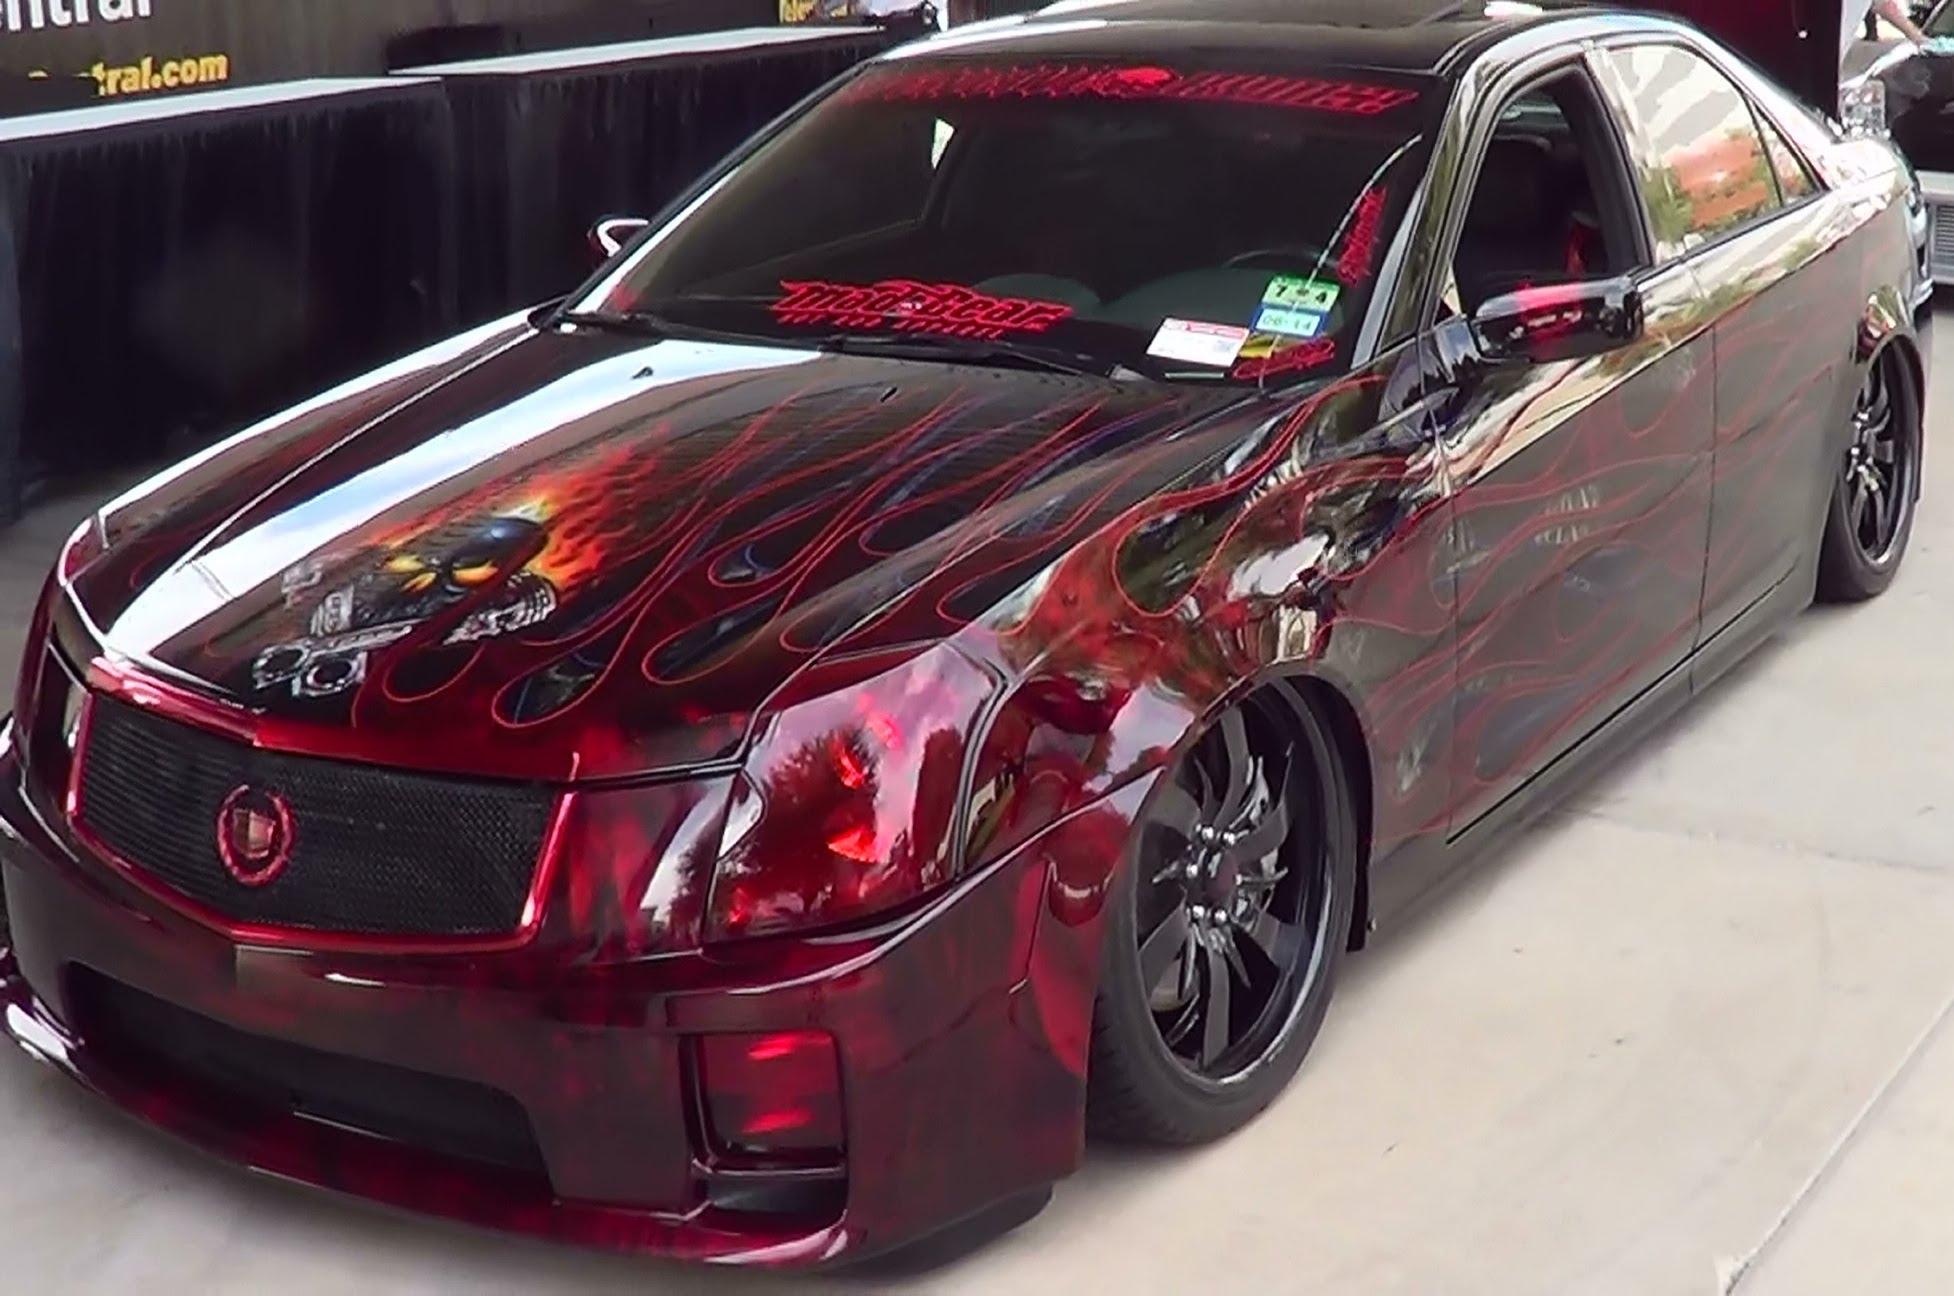 2004 Cadillac Cts V Custom Sema 2014 Scottiedtv